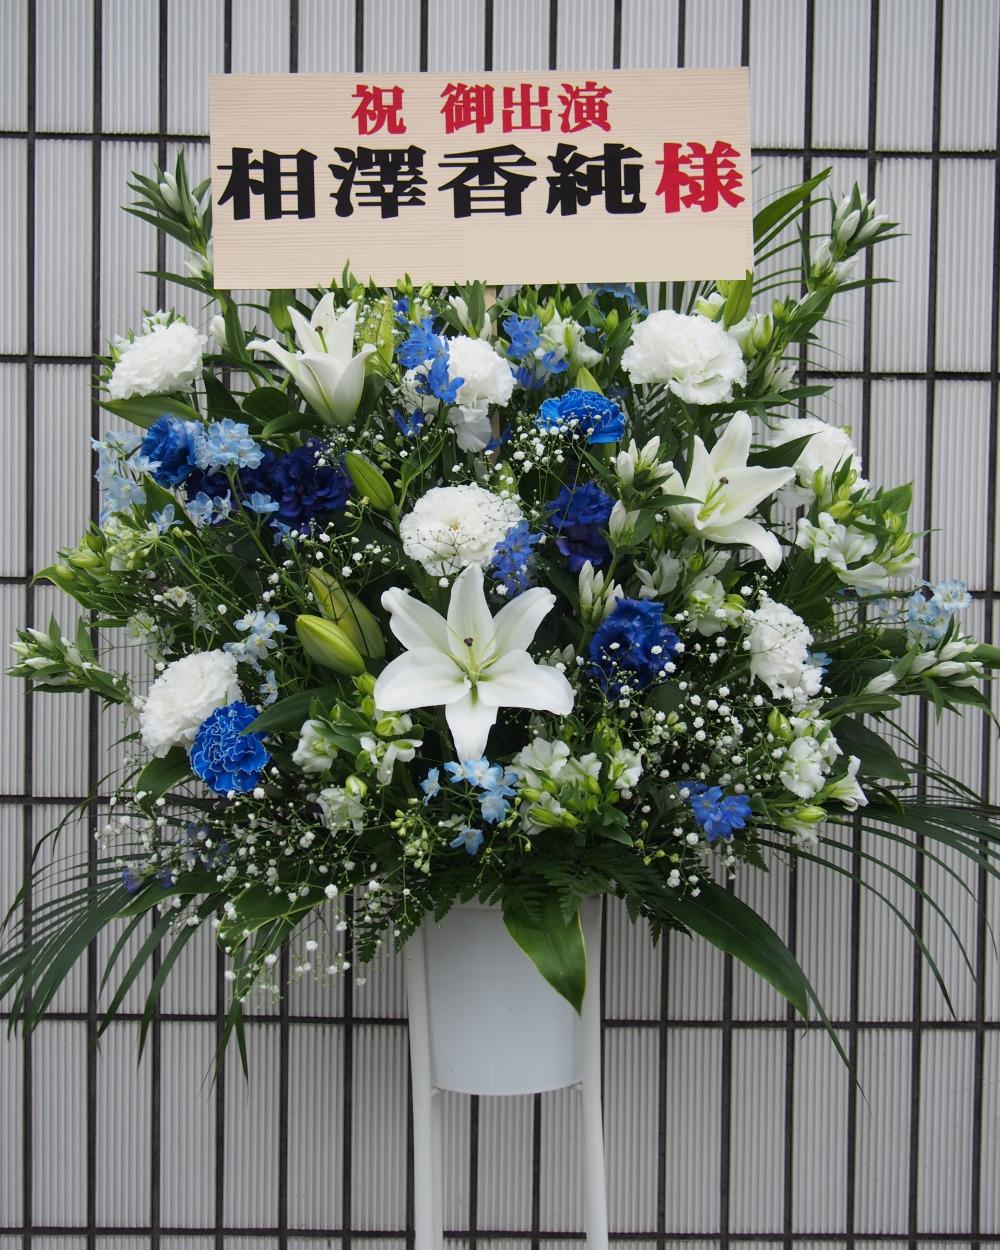 東京都中野区へお届け お祝いのスタンド花